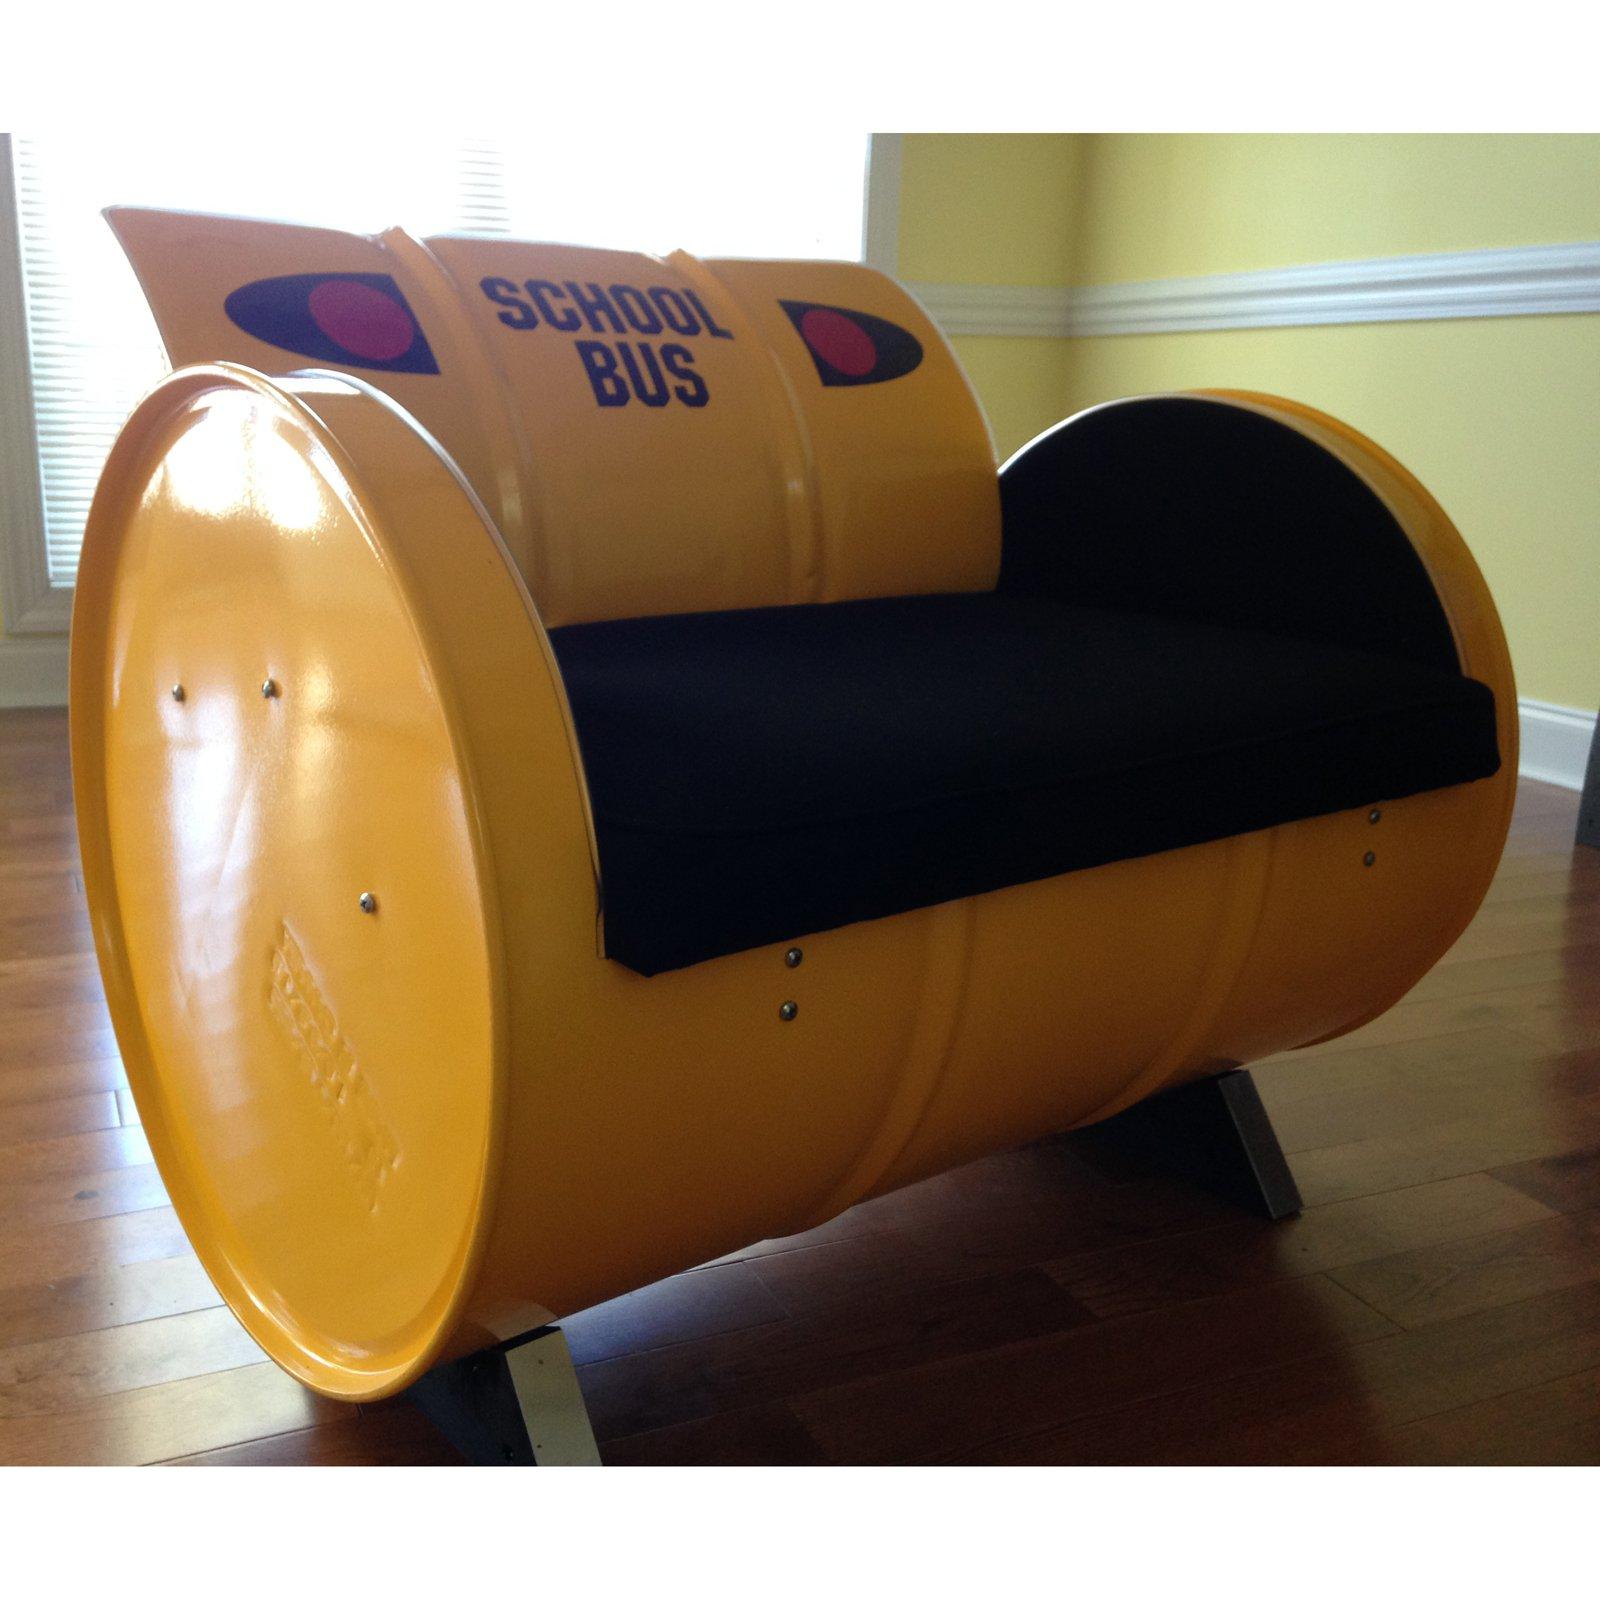 Drum Works Furniture School Bus Bench With Storage